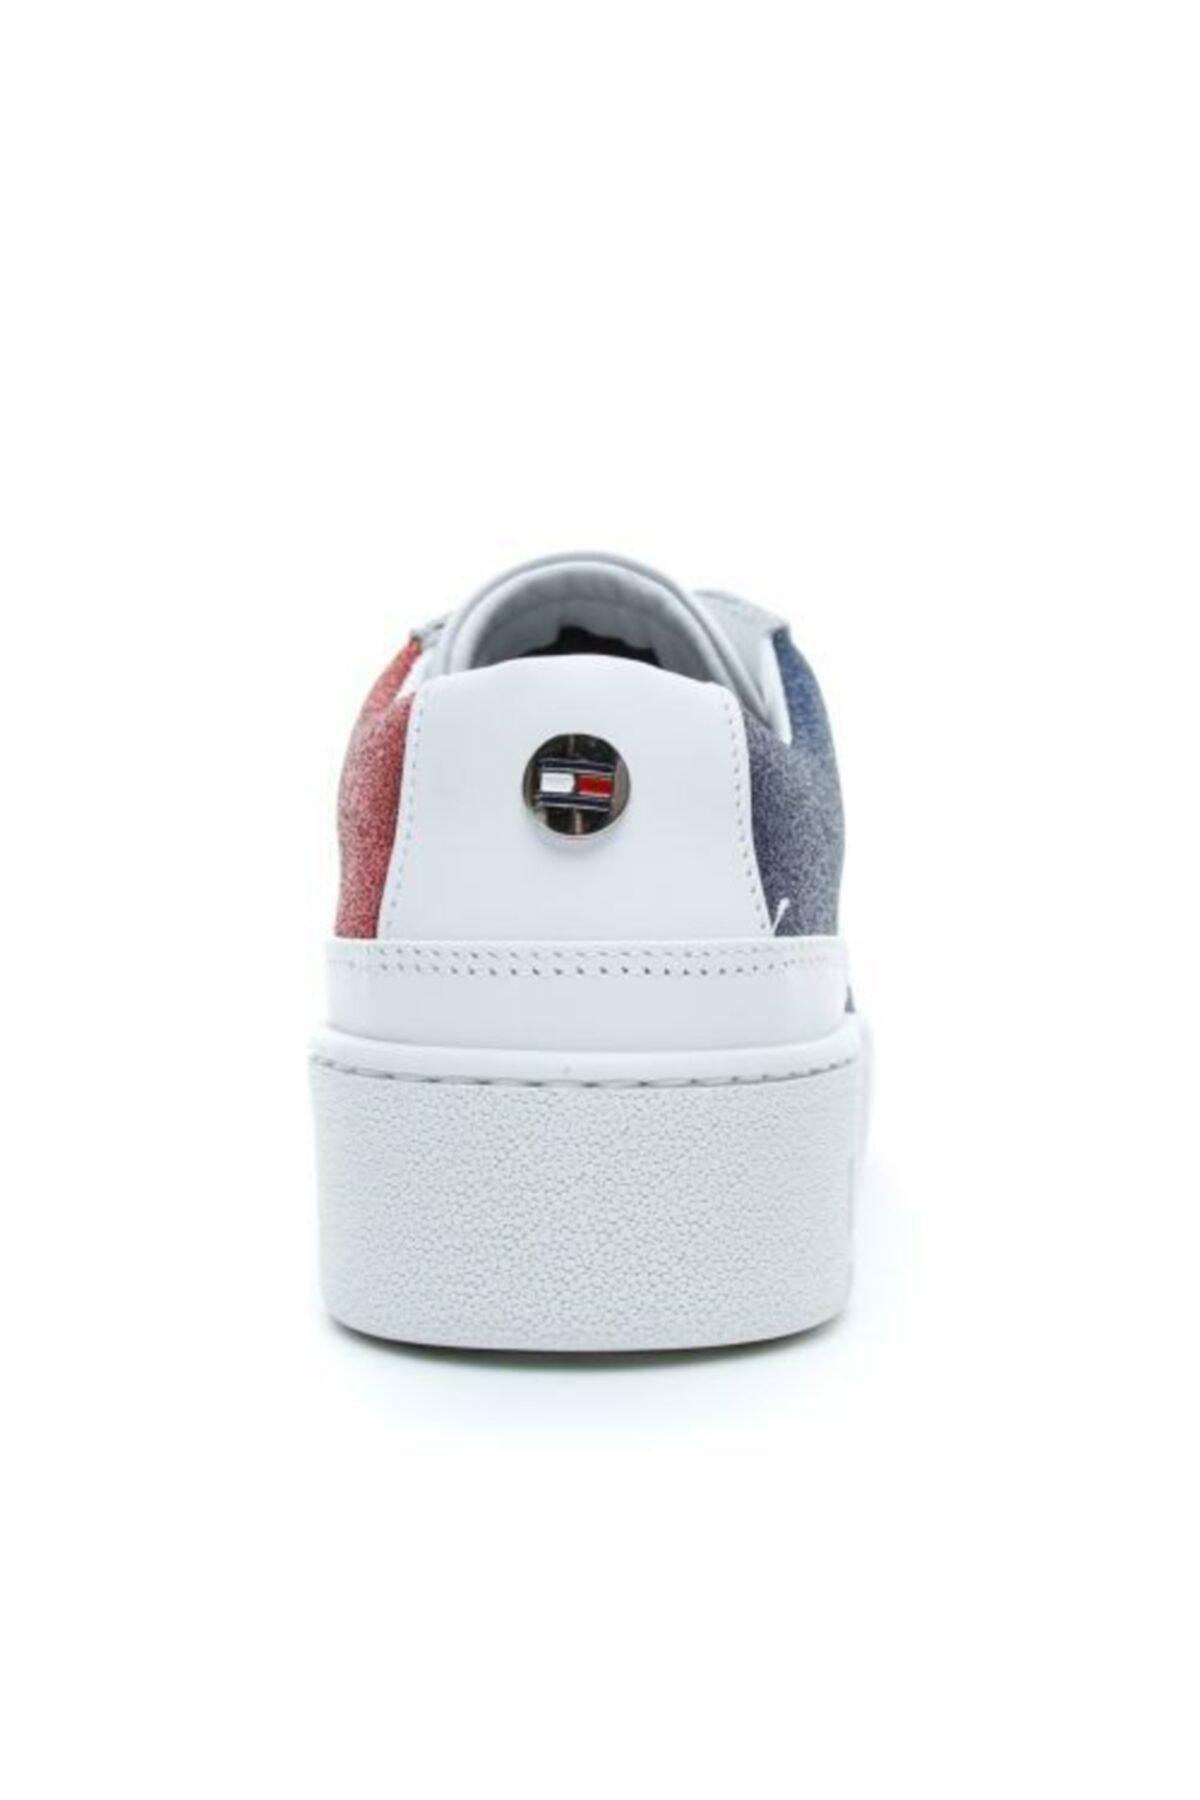 Tommy Hilfiger Kadın Mavi Bağcıklı Ayakkabı 2